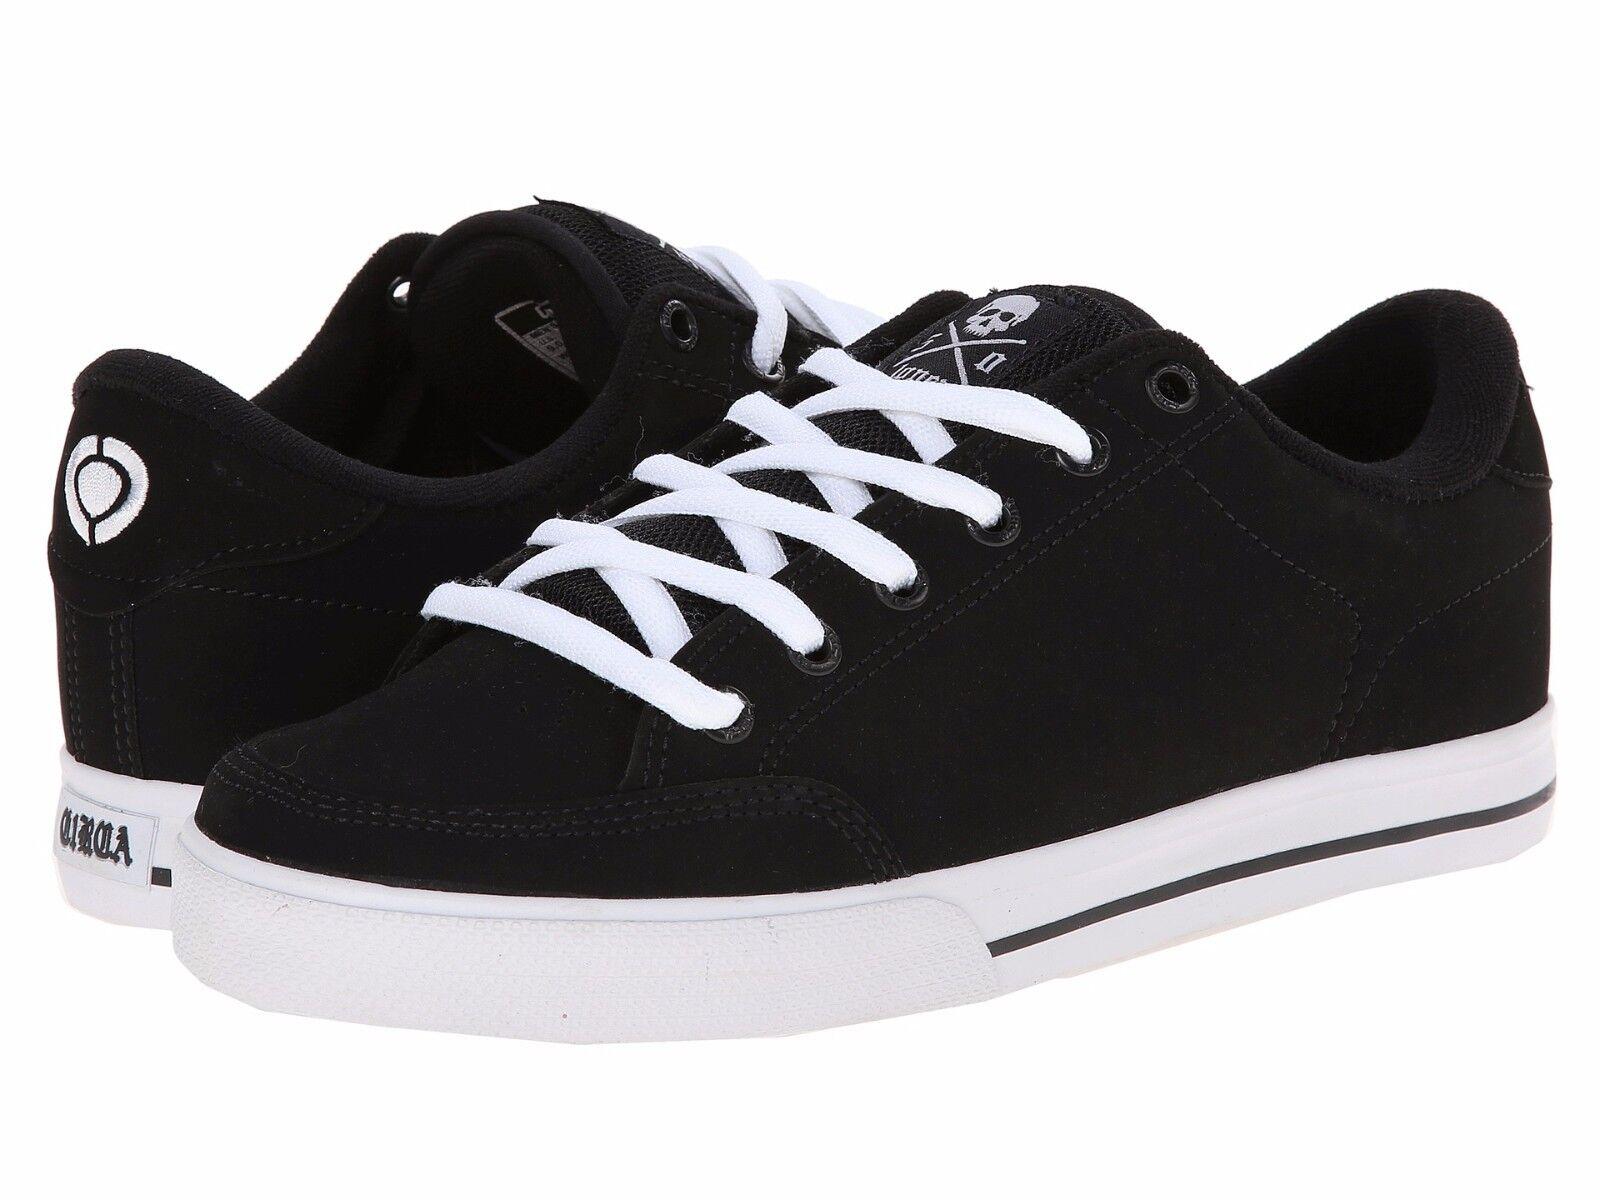 NEW hommes C1RCA LOPEZ 50 CIRCA Chaussures AL50 BKWT noir blanc SNEAKERS ORIGINAL